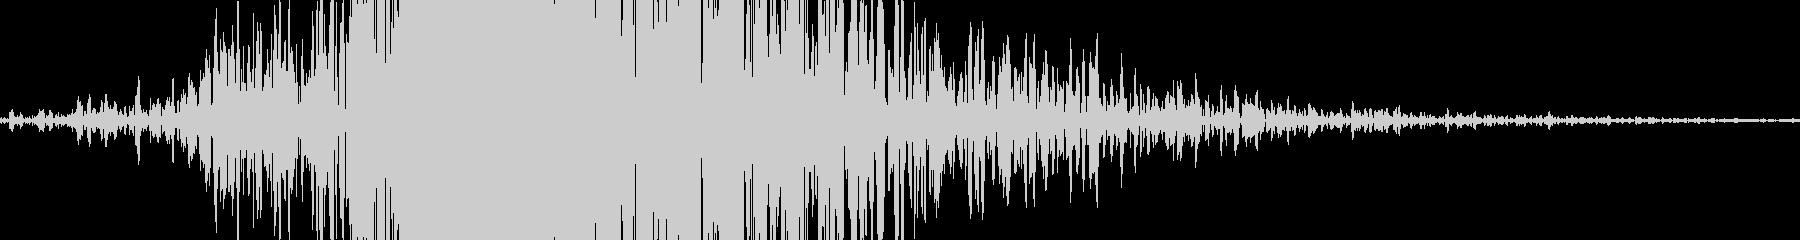 風切り音 スイング音  (低め)_01の未再生の波形